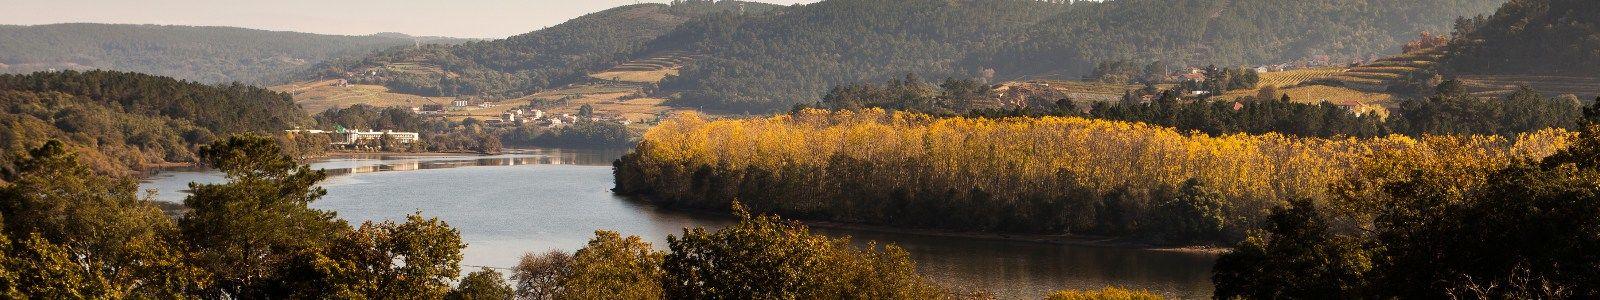 Ribeiro: rivier Miño